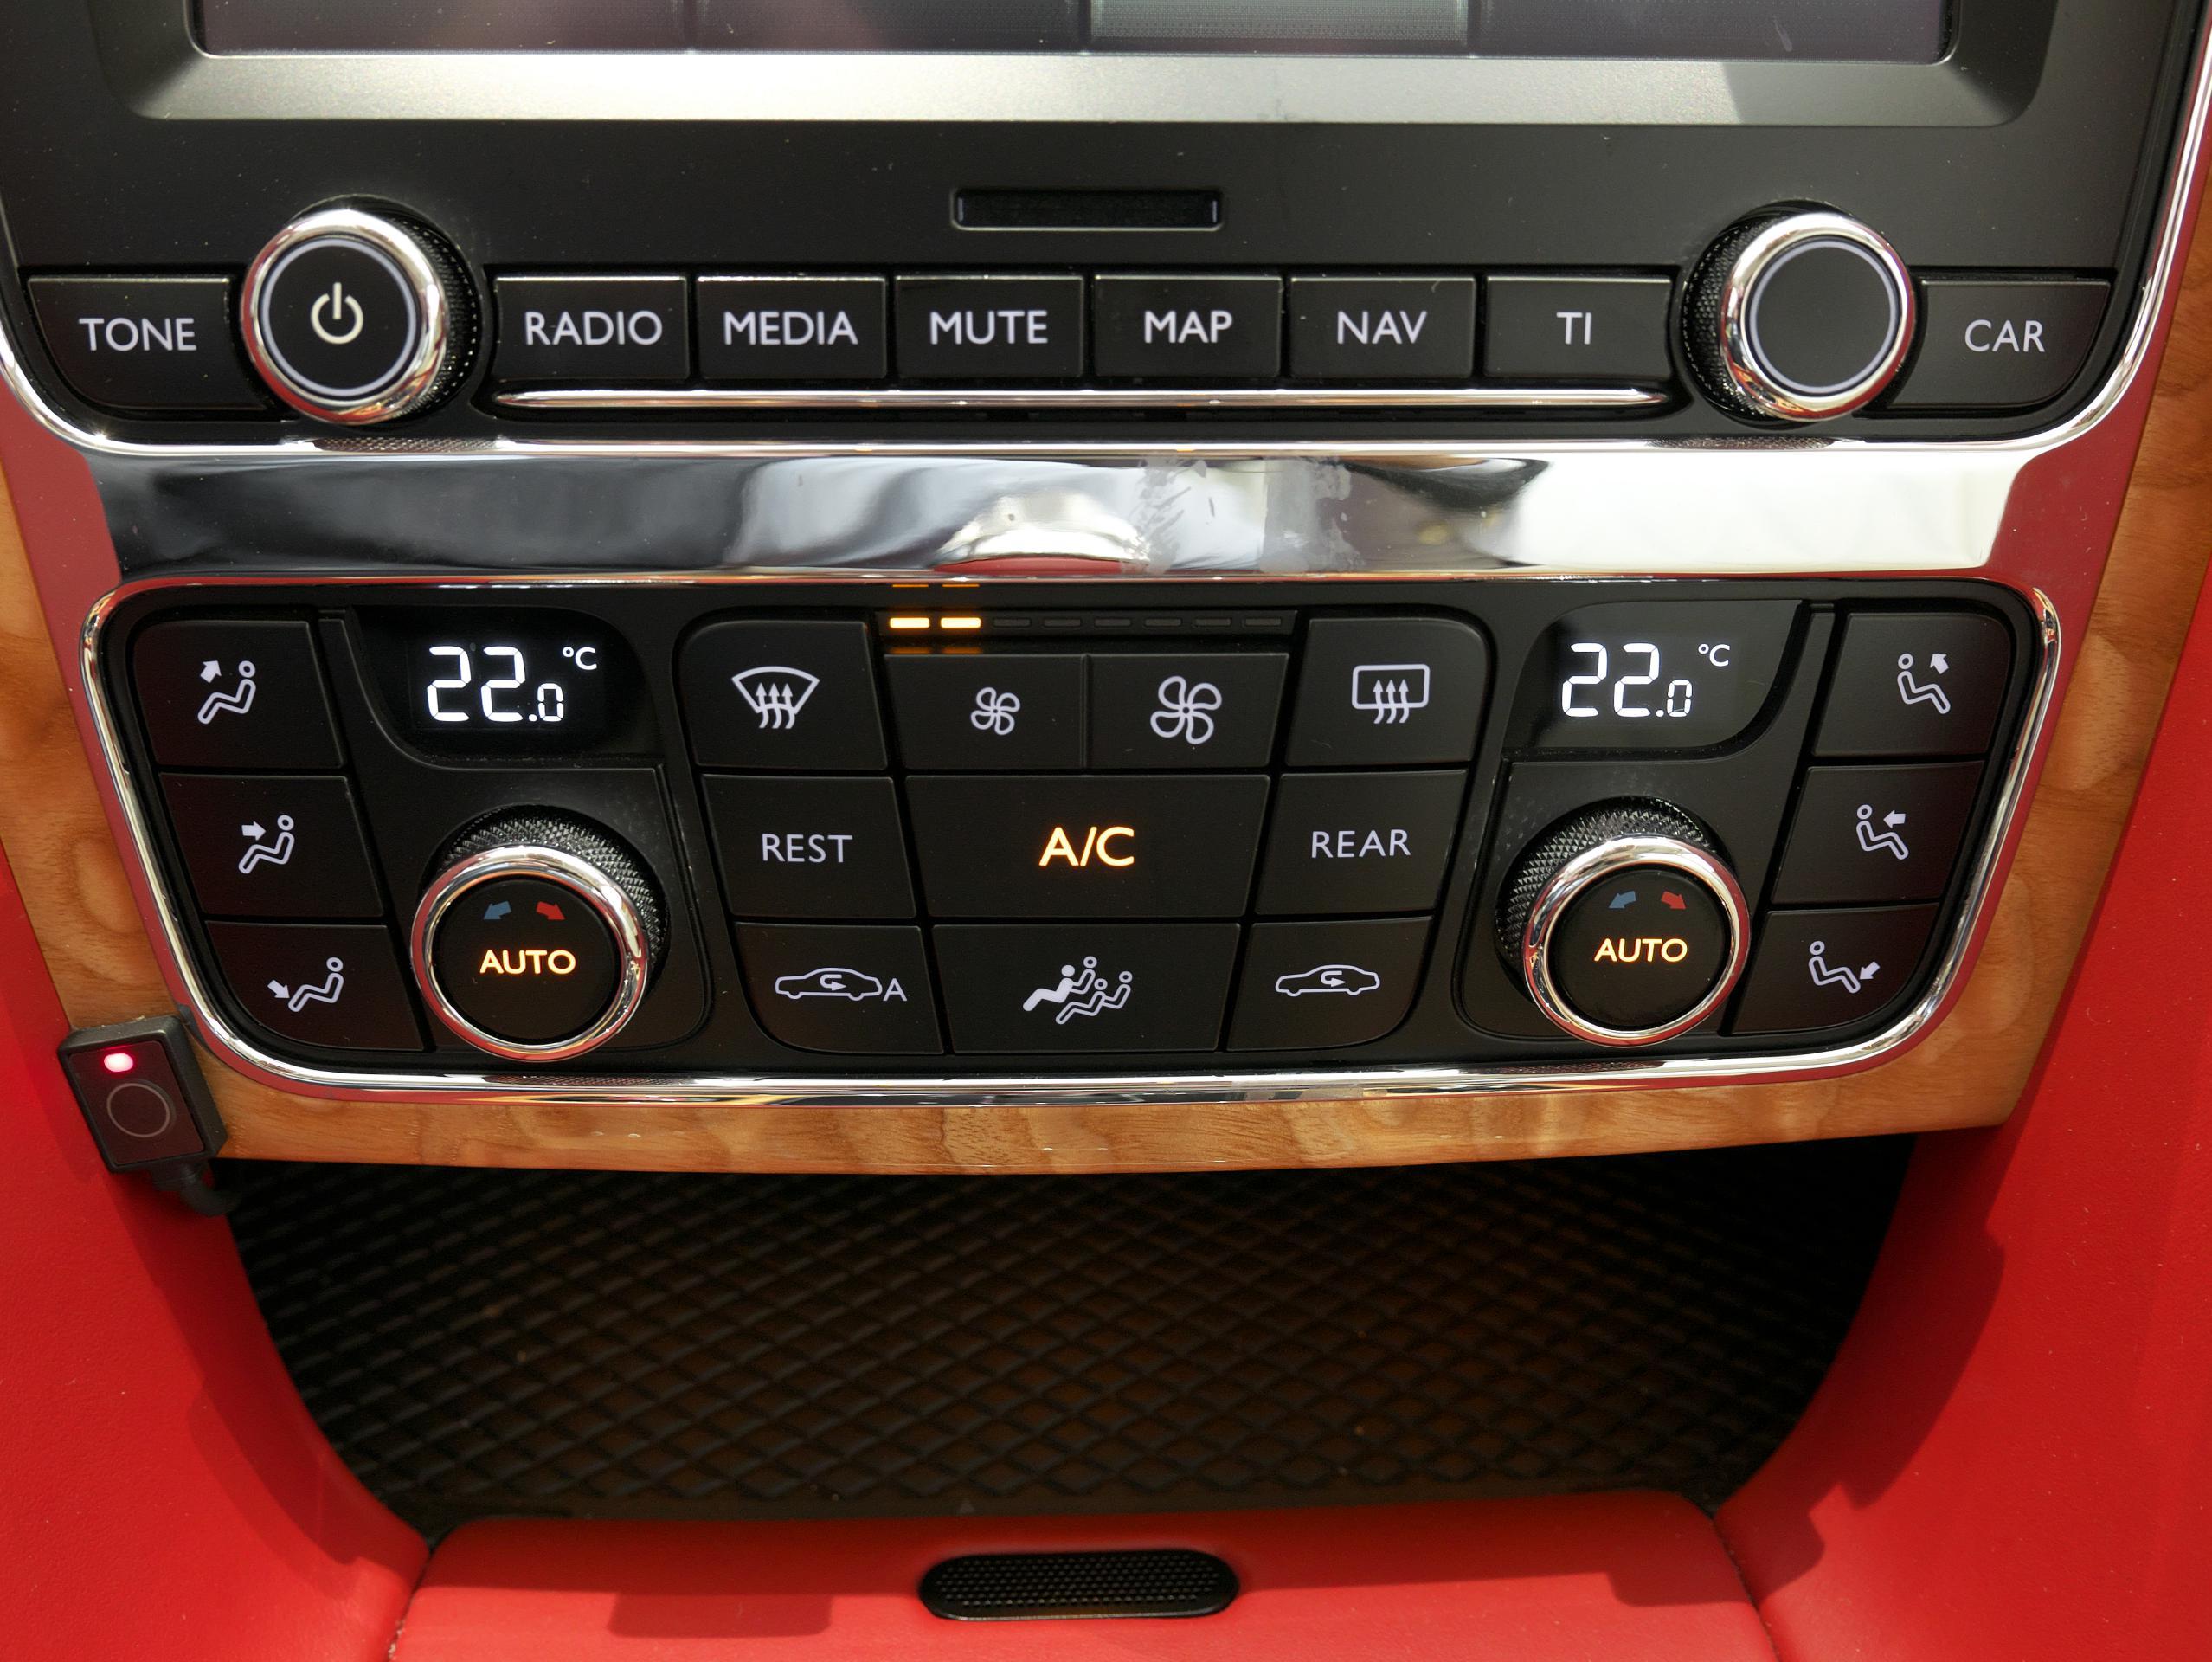 ベントレー フライングスパー W12 エアコン操作パネル